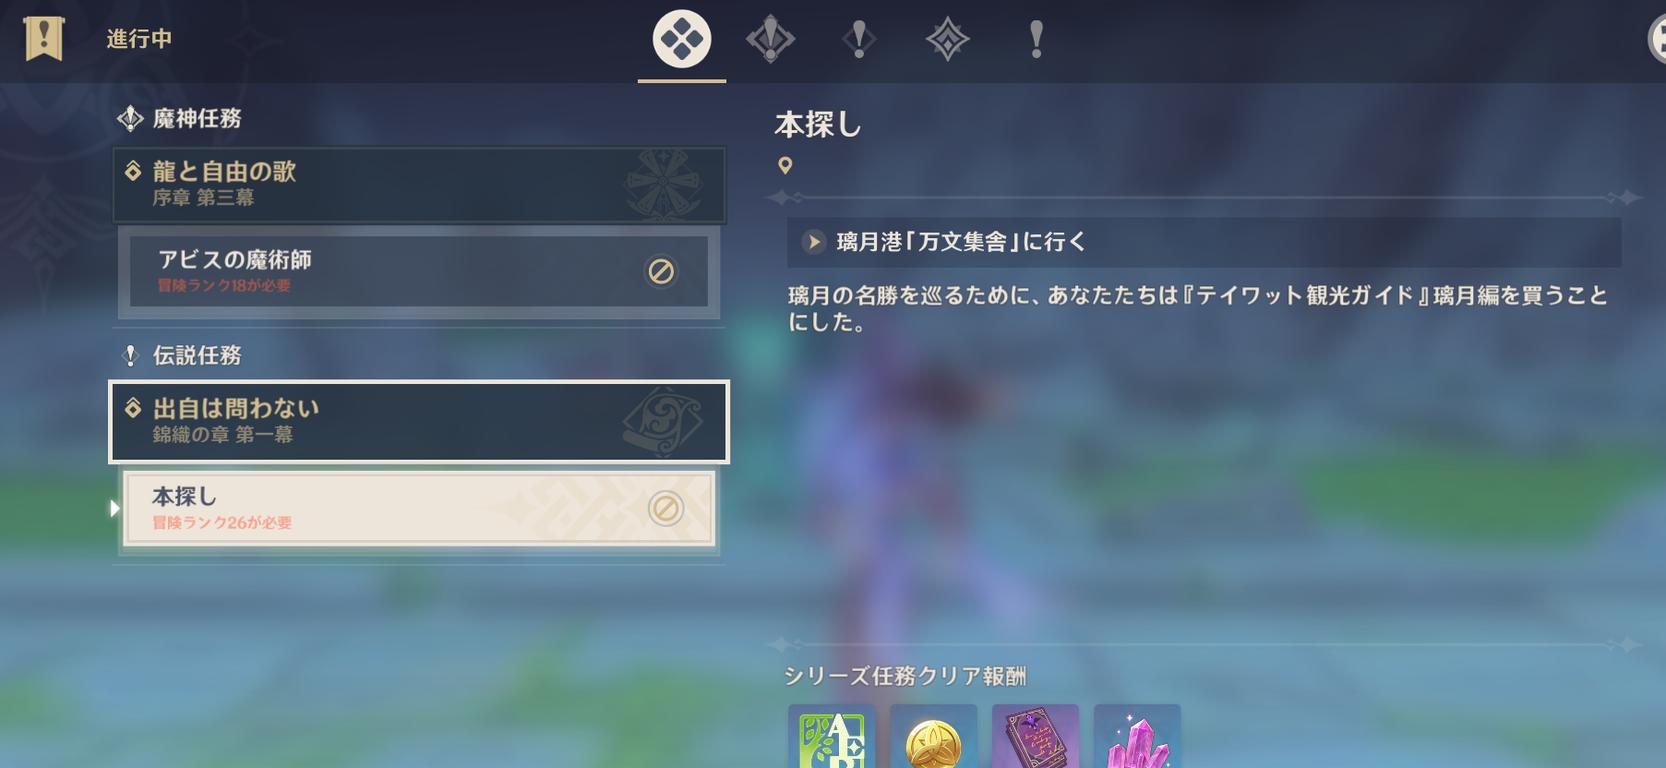 冒険 ランク 神 原